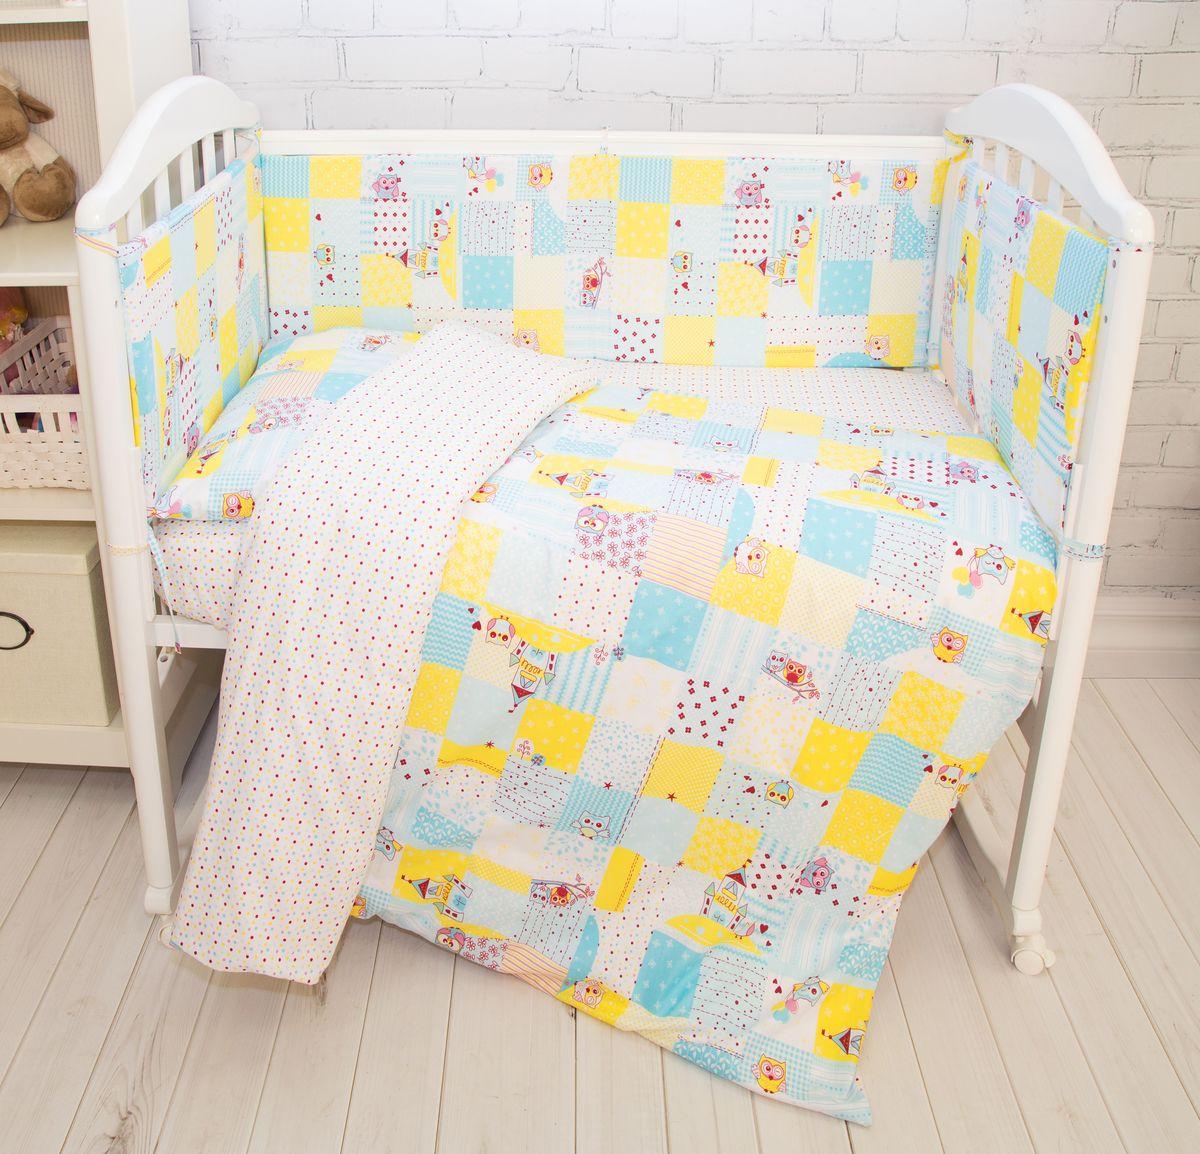 Споки Ноки Комплект белья для новорожденных Совы цвет голубой